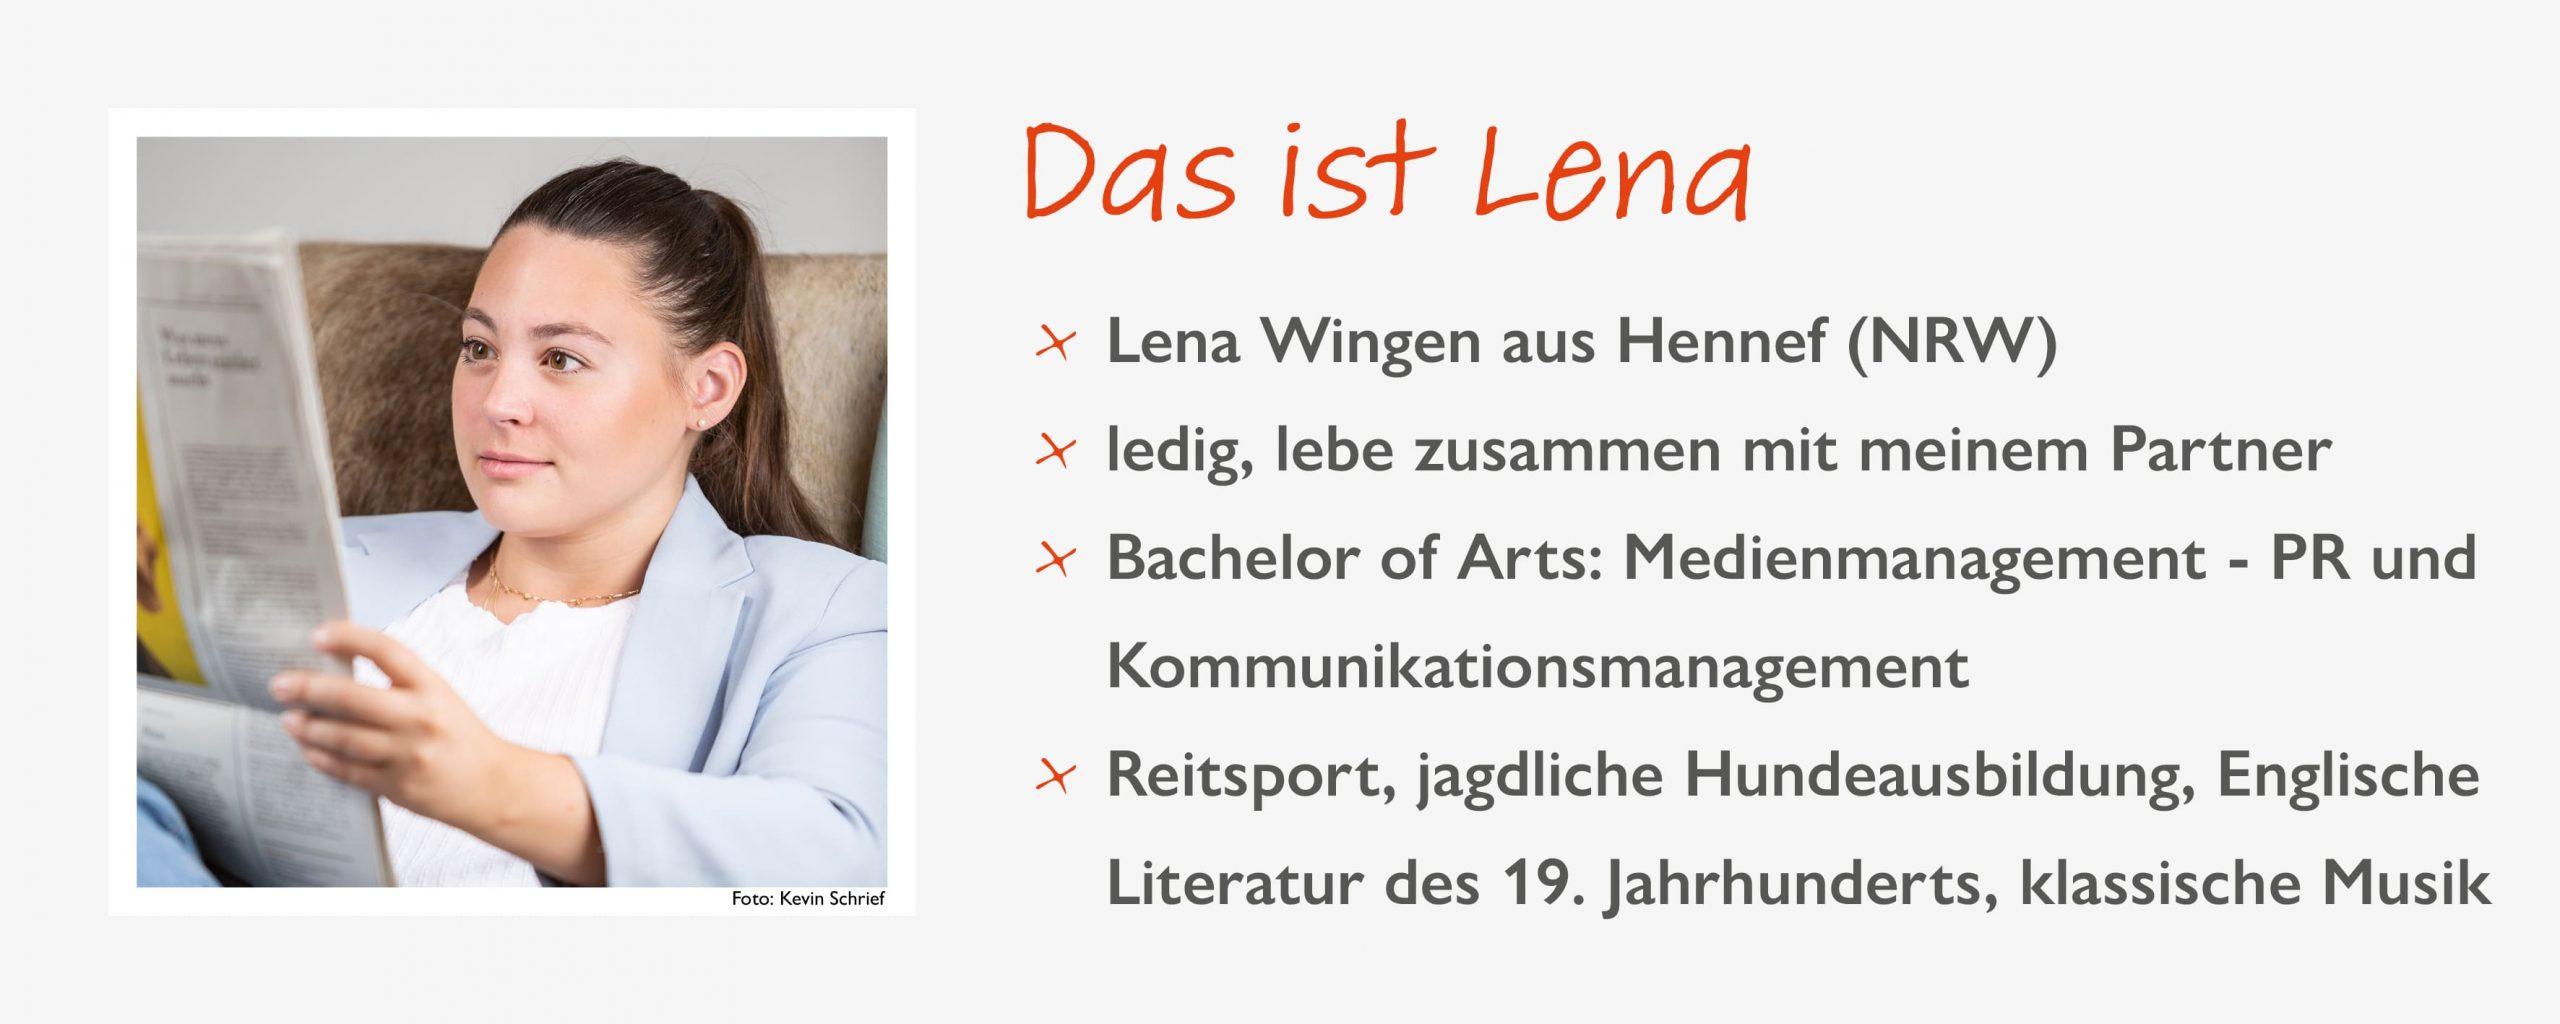 Steckbrief Lena Wingen